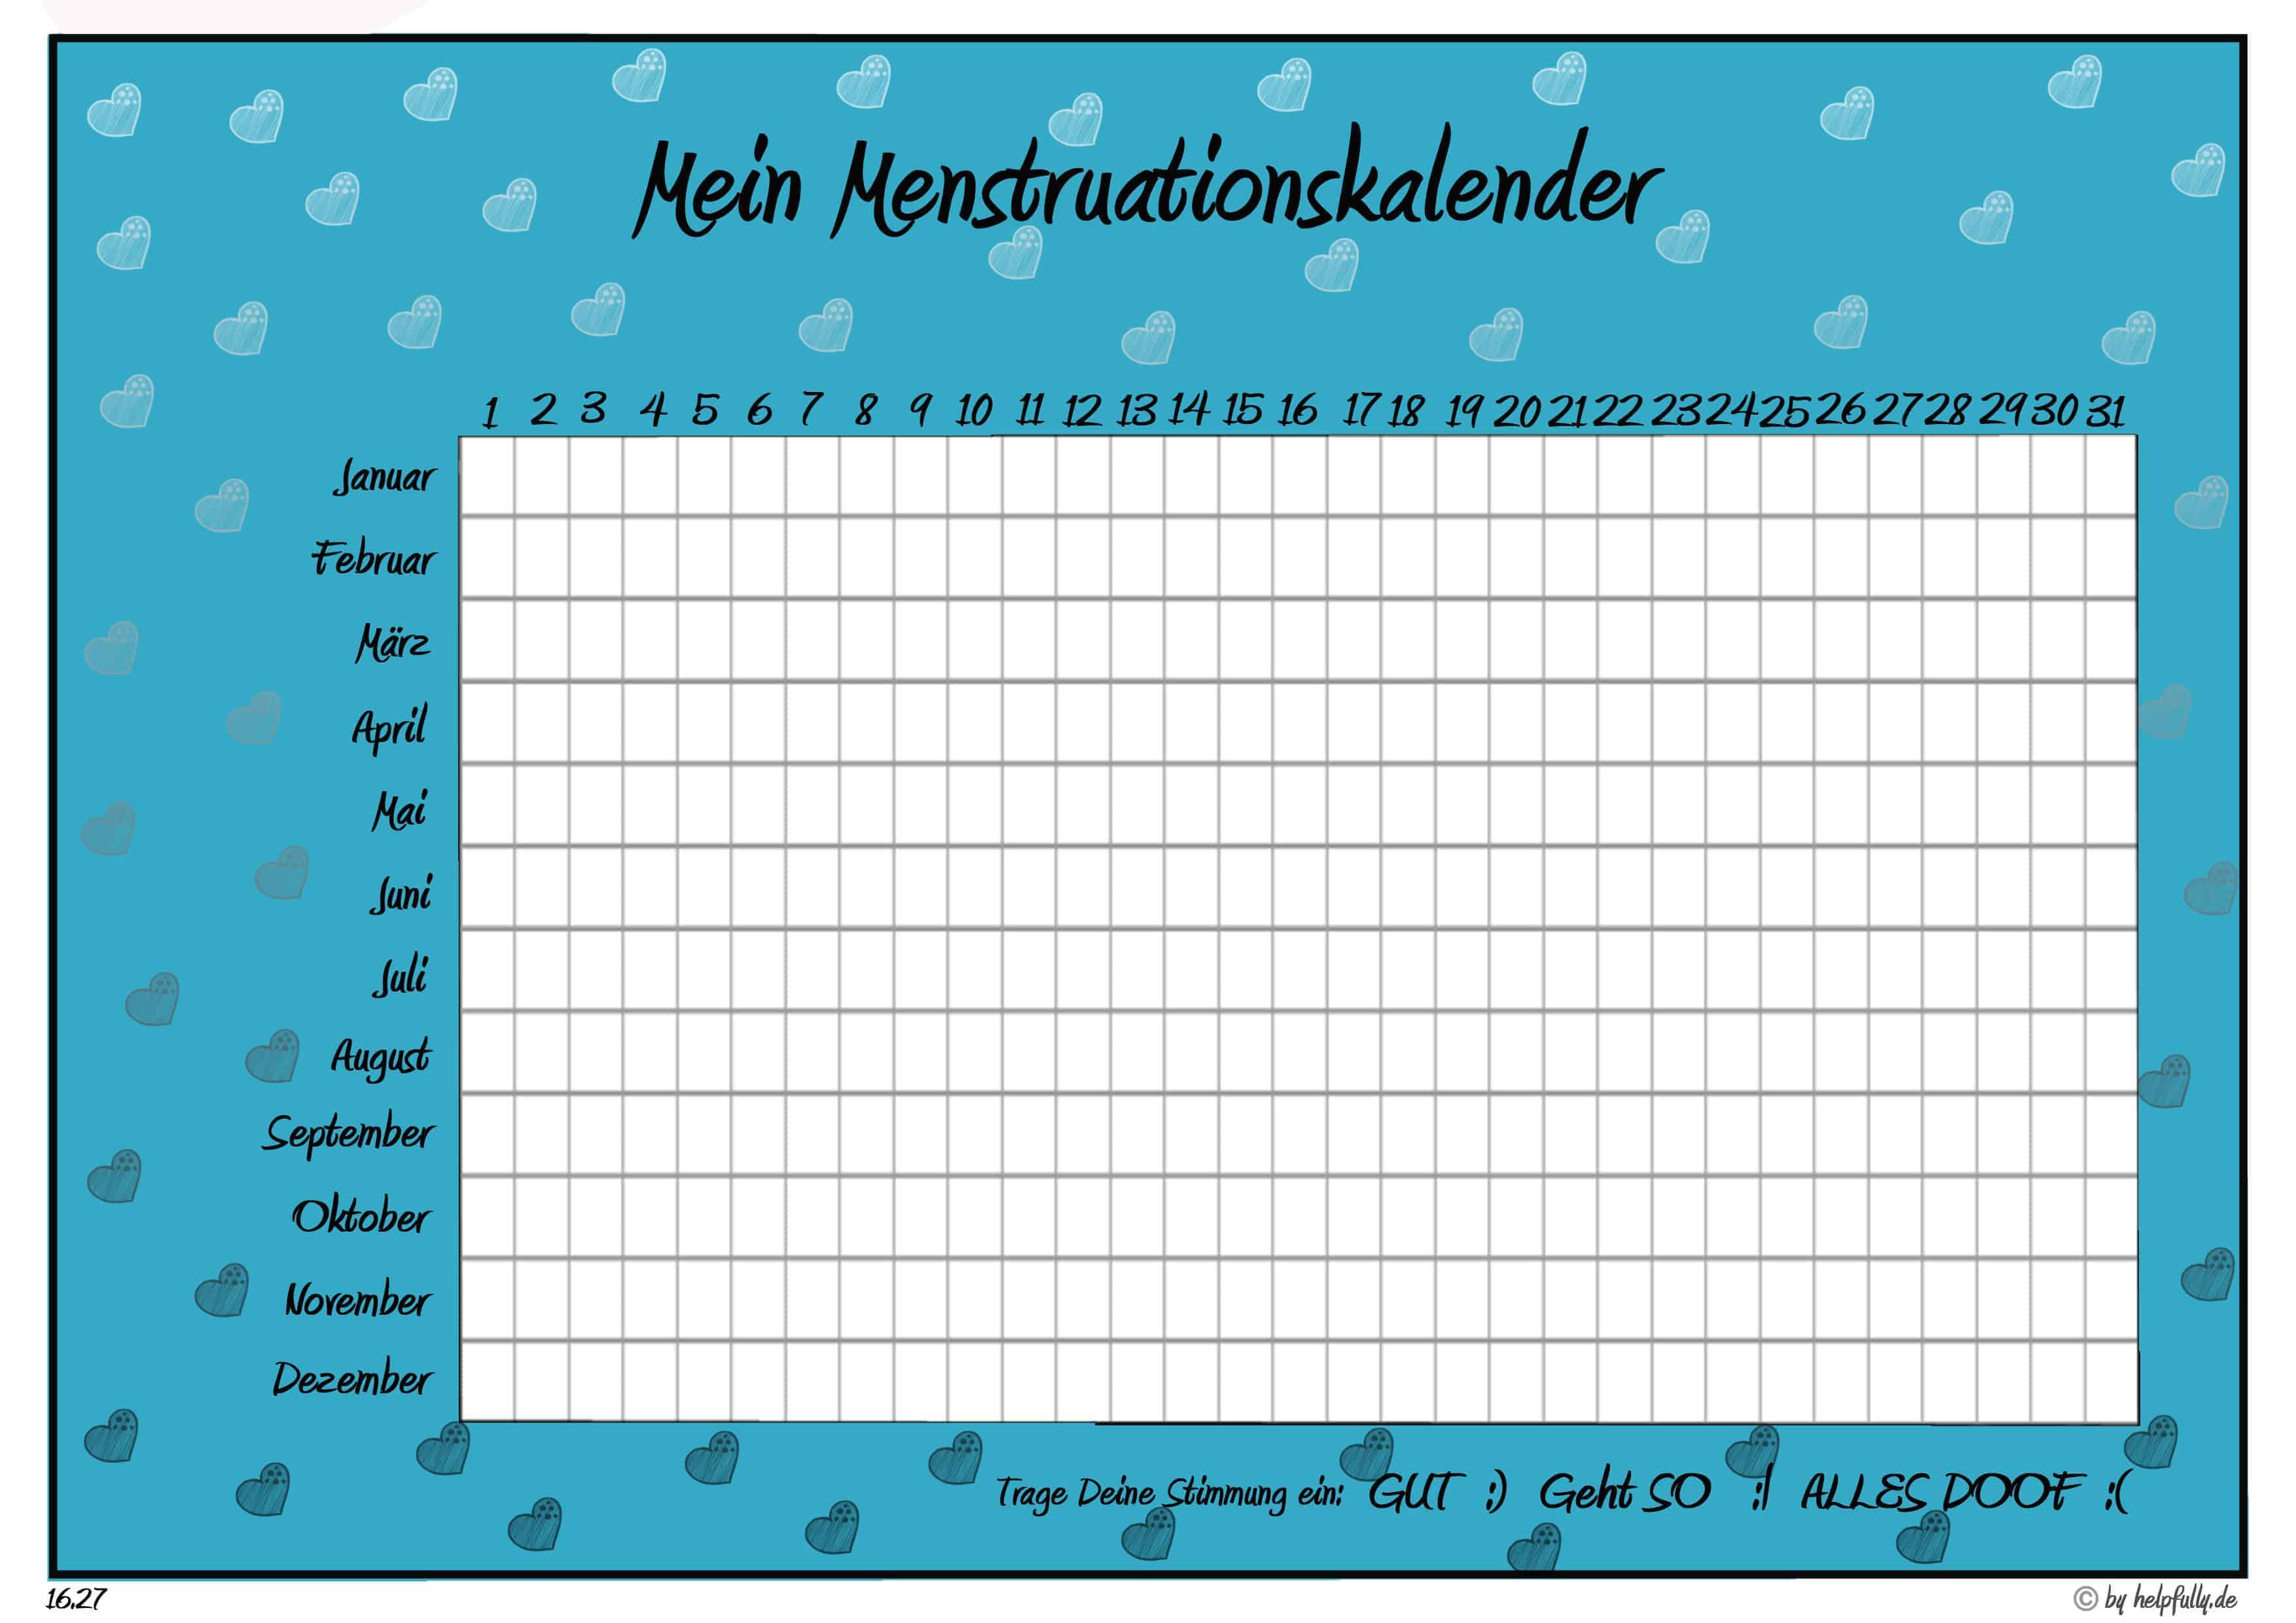 Checklisten als Gratis-PDF | Geburt, Hochzeit, Reisen ...